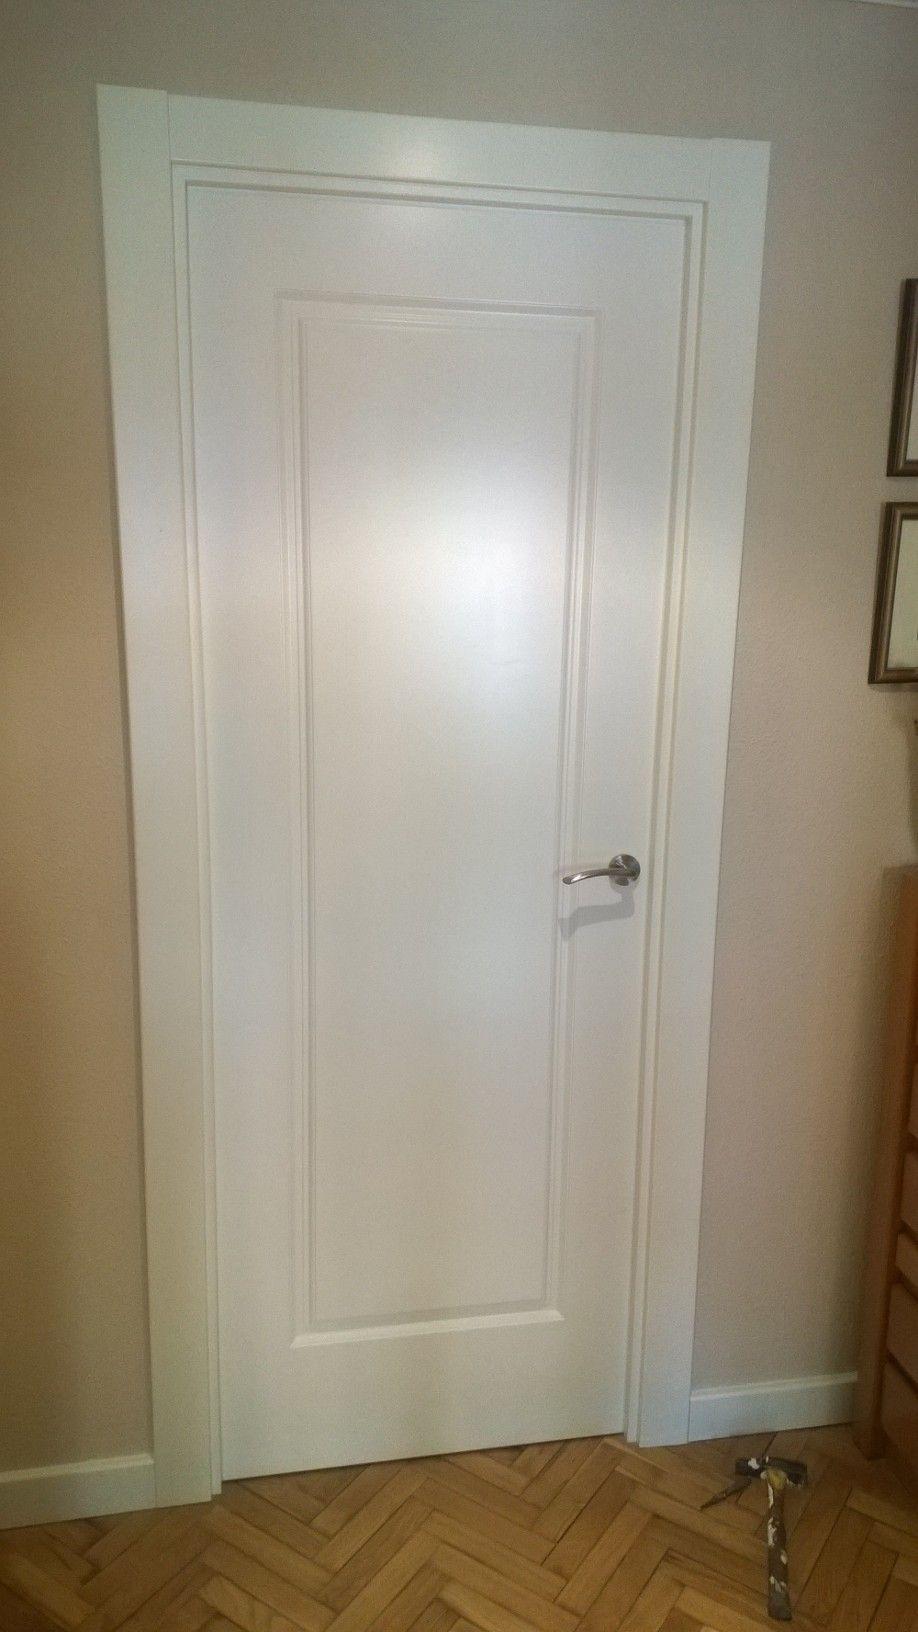 Puerta lacada mod 9100ar de puertas sanrafael puertas - Puertas interior blancas ...